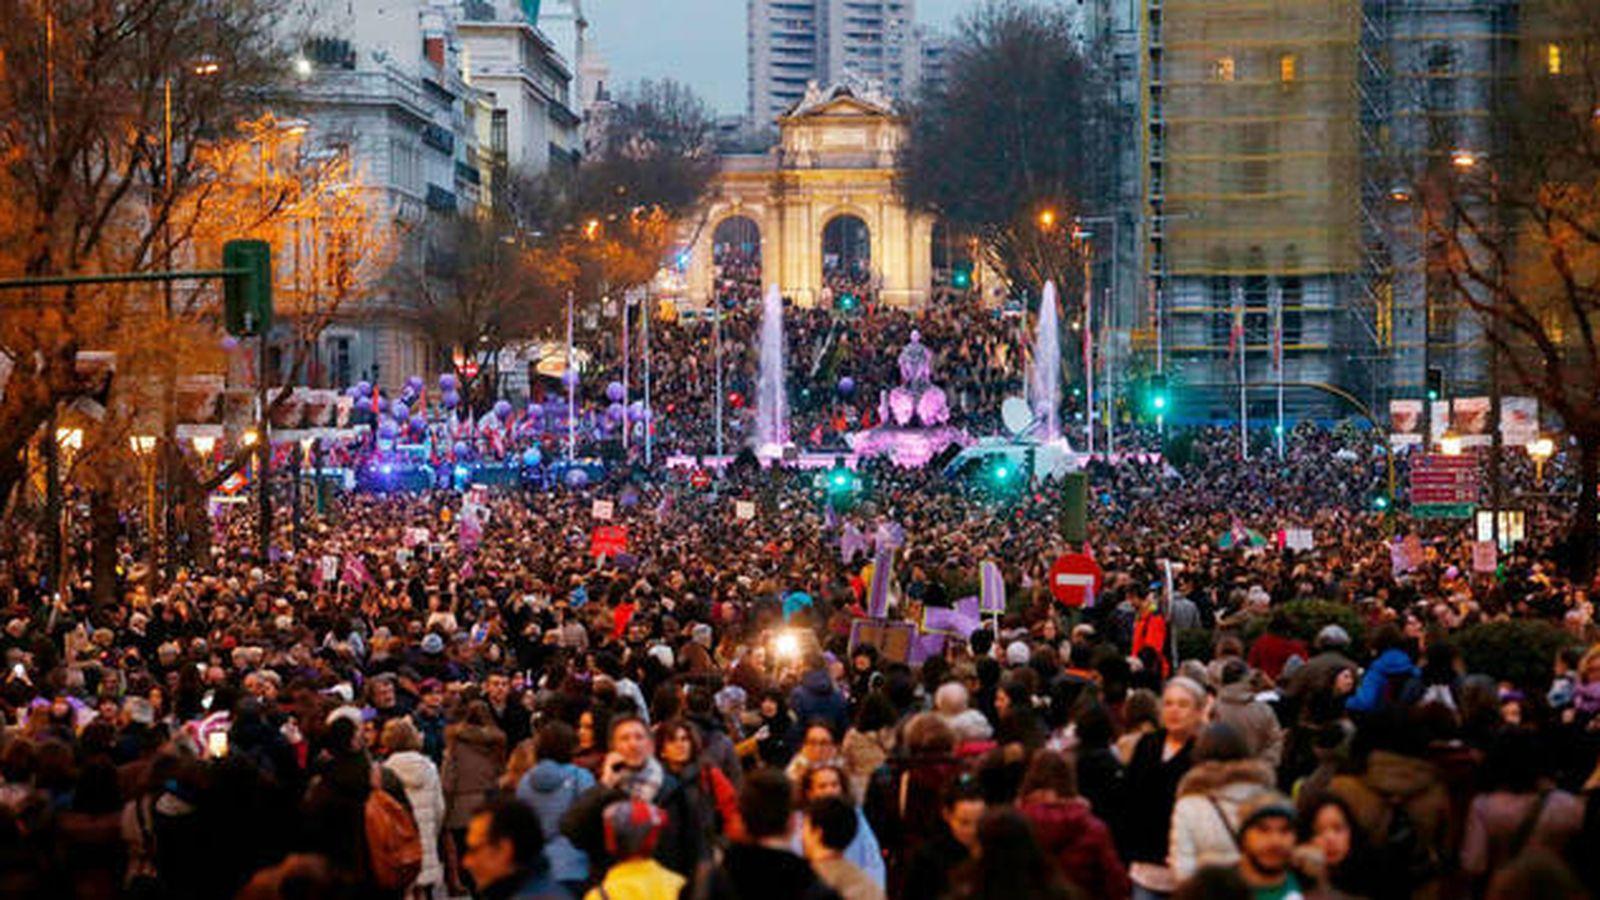 Foto: Manifestación del 8M 2018 en Madrid. (Cordon Press)